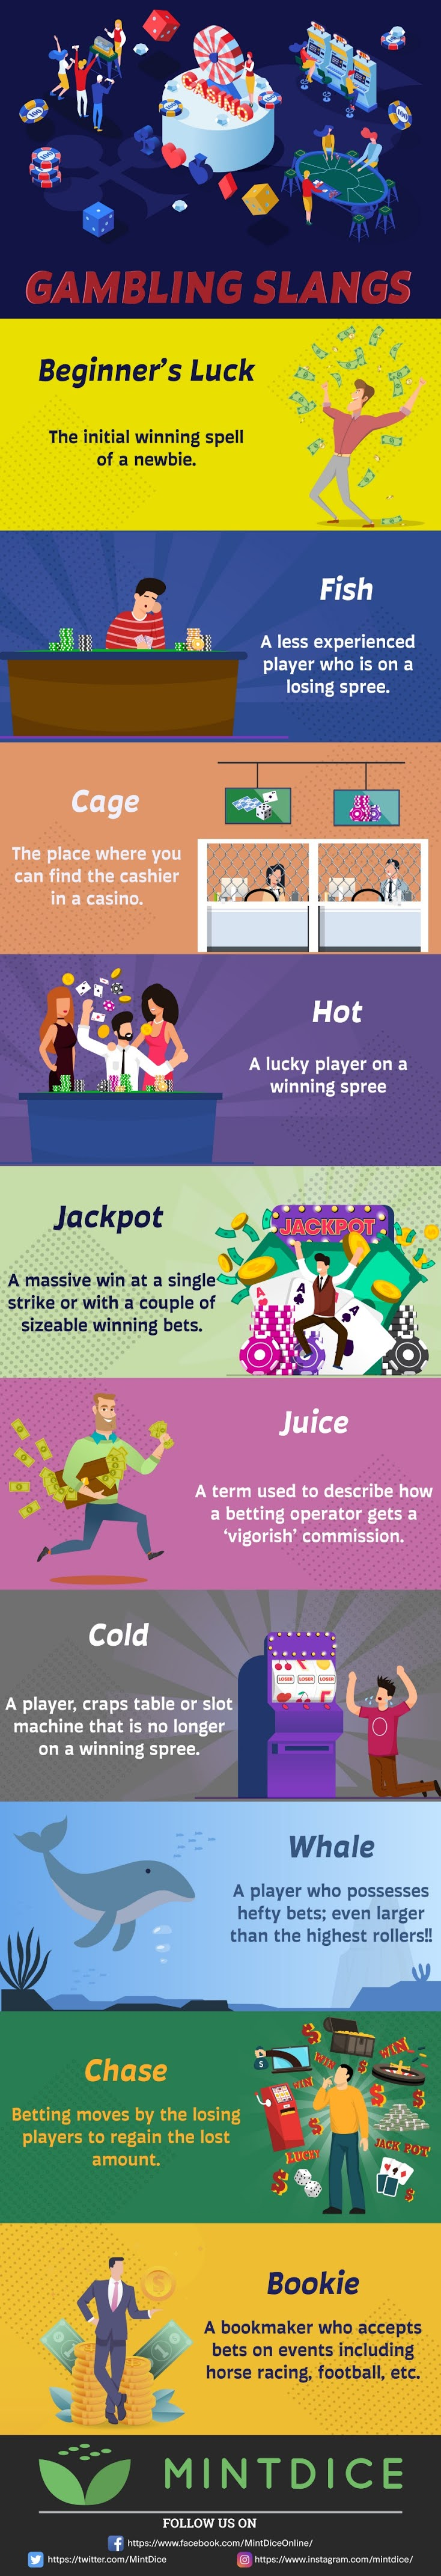 Bitcoin Gambling Slang #infographic #Gambling #infographics #Bitcoin #Gambling Slang #Bitcoin Gambling #Casino #Online Casino #Bitcoin Casino